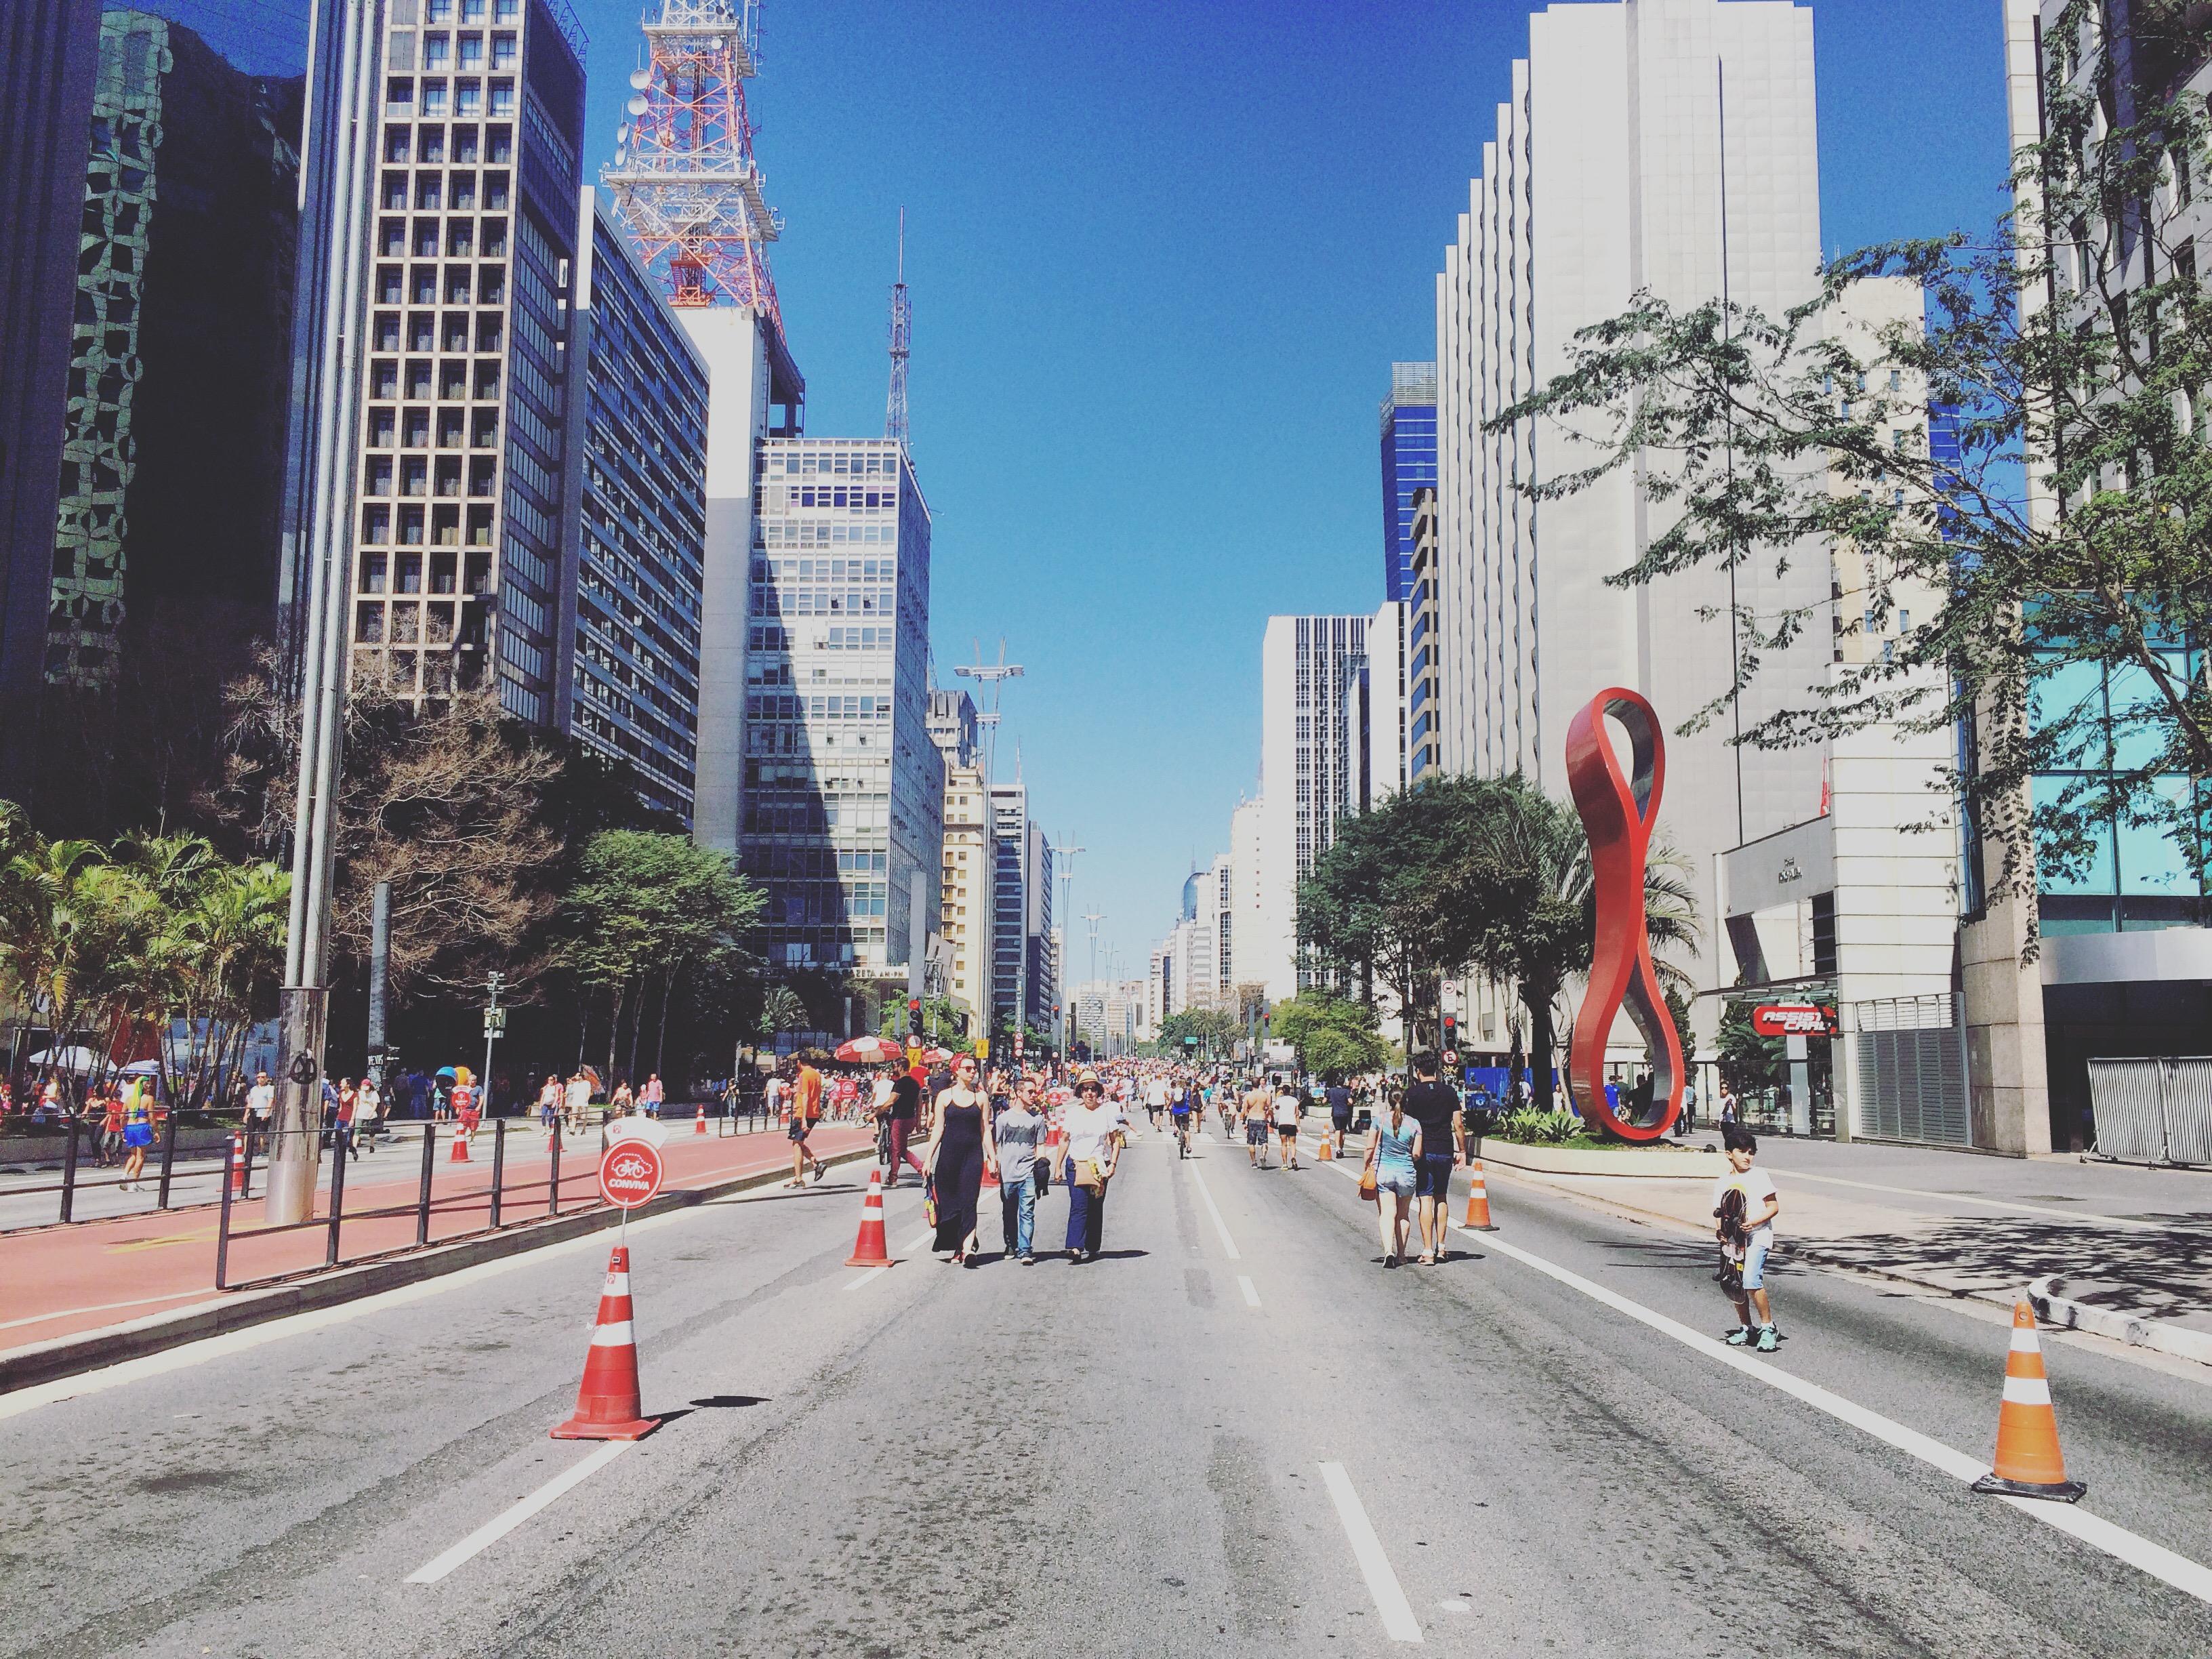 Paulista Avenue on Sundays - public open space